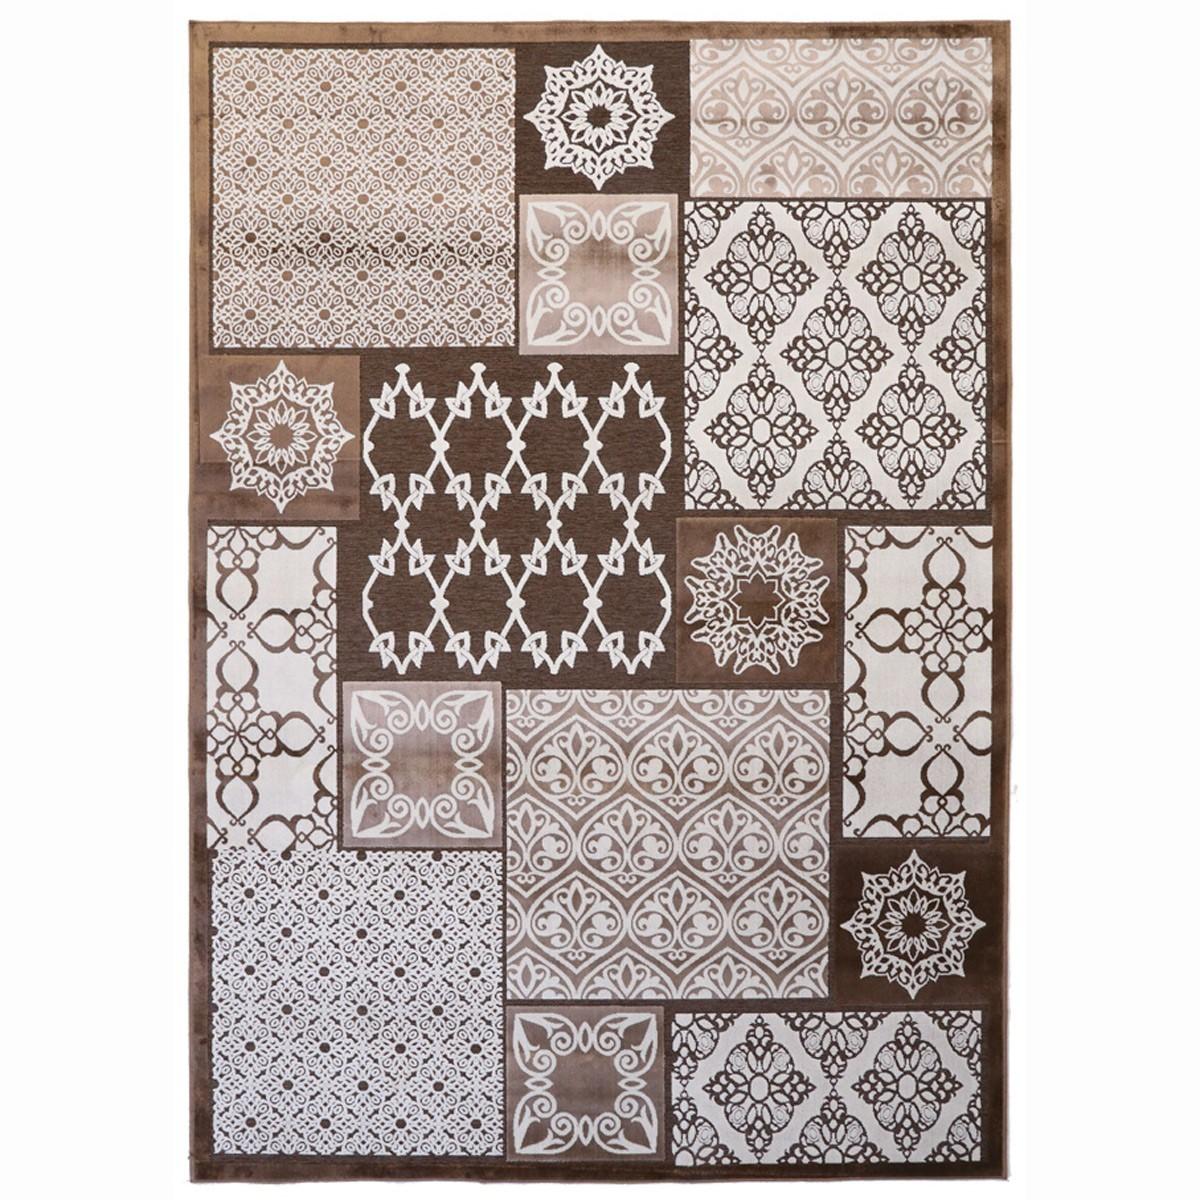 Χαλιά Κρεβατοκάμαρας (Σετ 3τμχ) Royal Carpets Soho Choco 1889-84